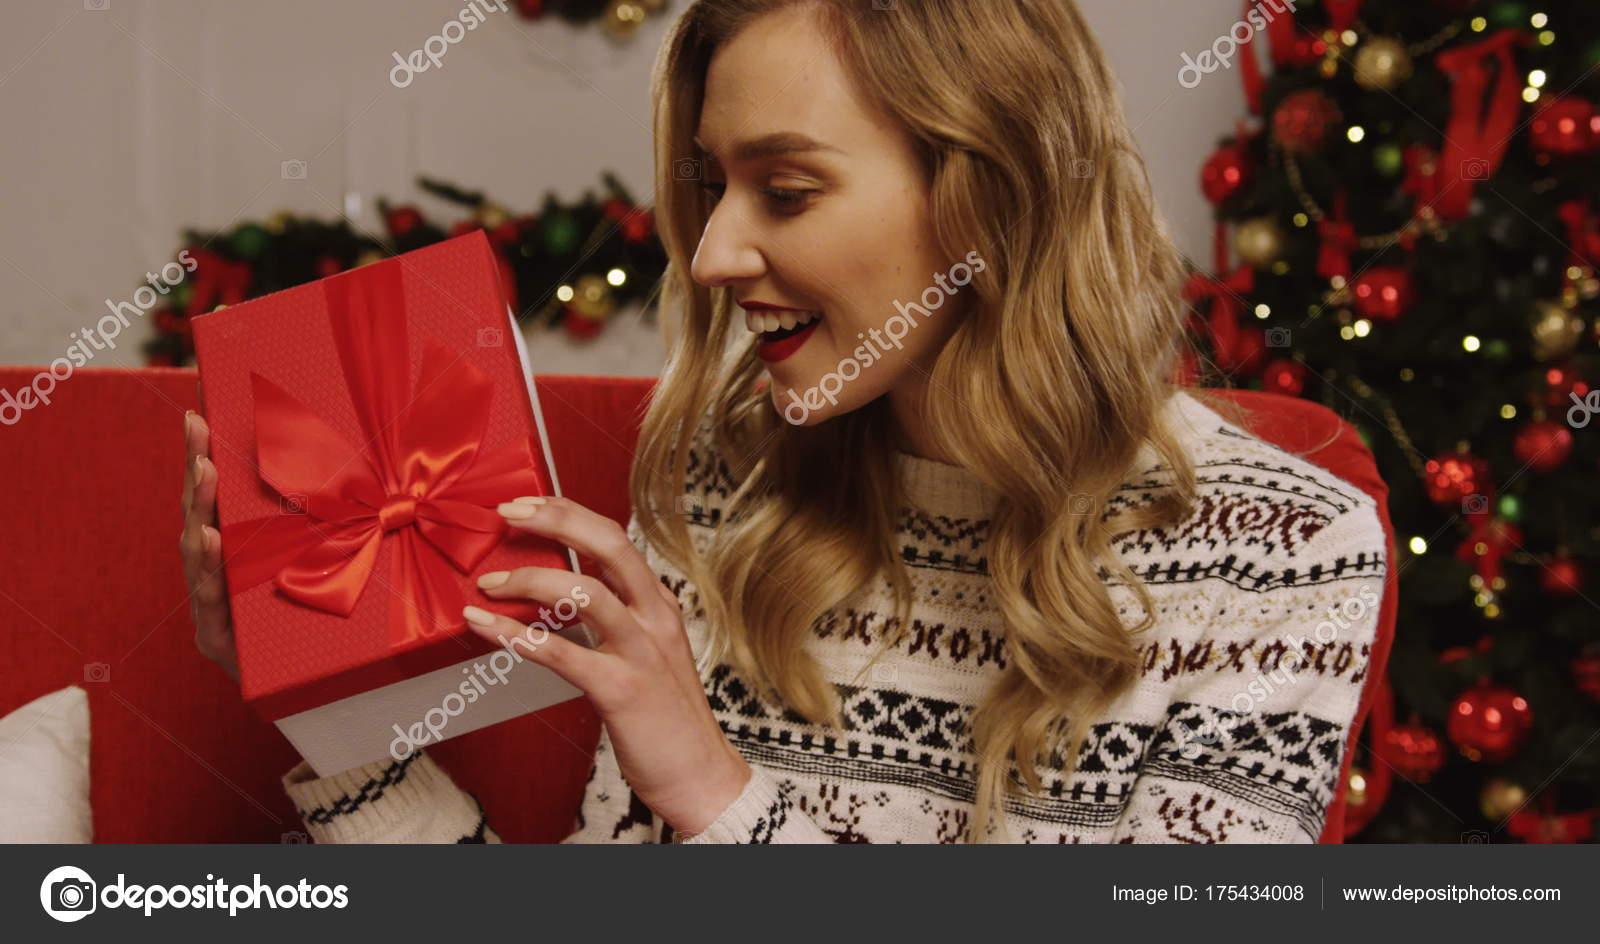 Schütteln ihr Weihnachtsgeschenk Frau — Stockfoto © mstockagency ...